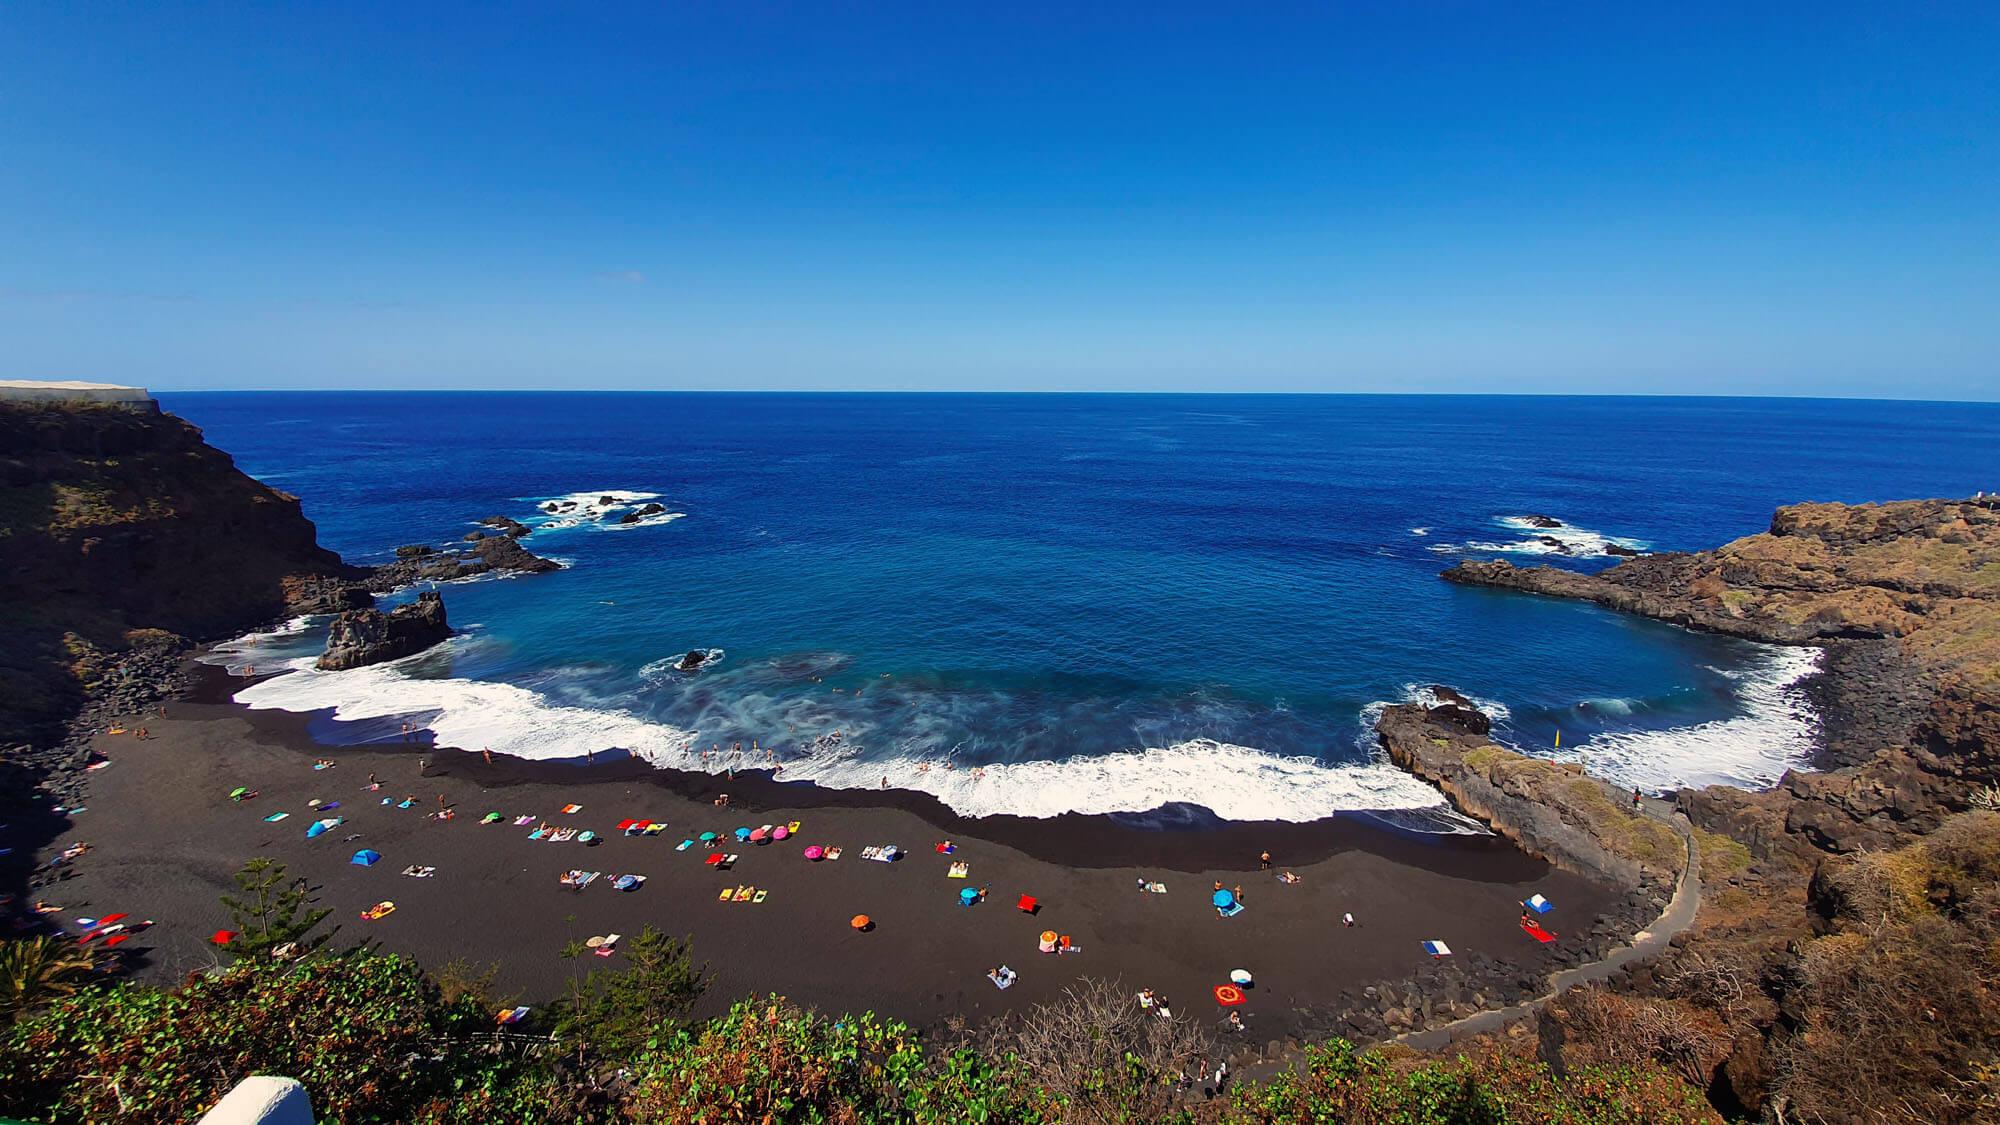 Cosa vedere in una settimana a Tenerife: 7 giorni on the road - Todomundoebom